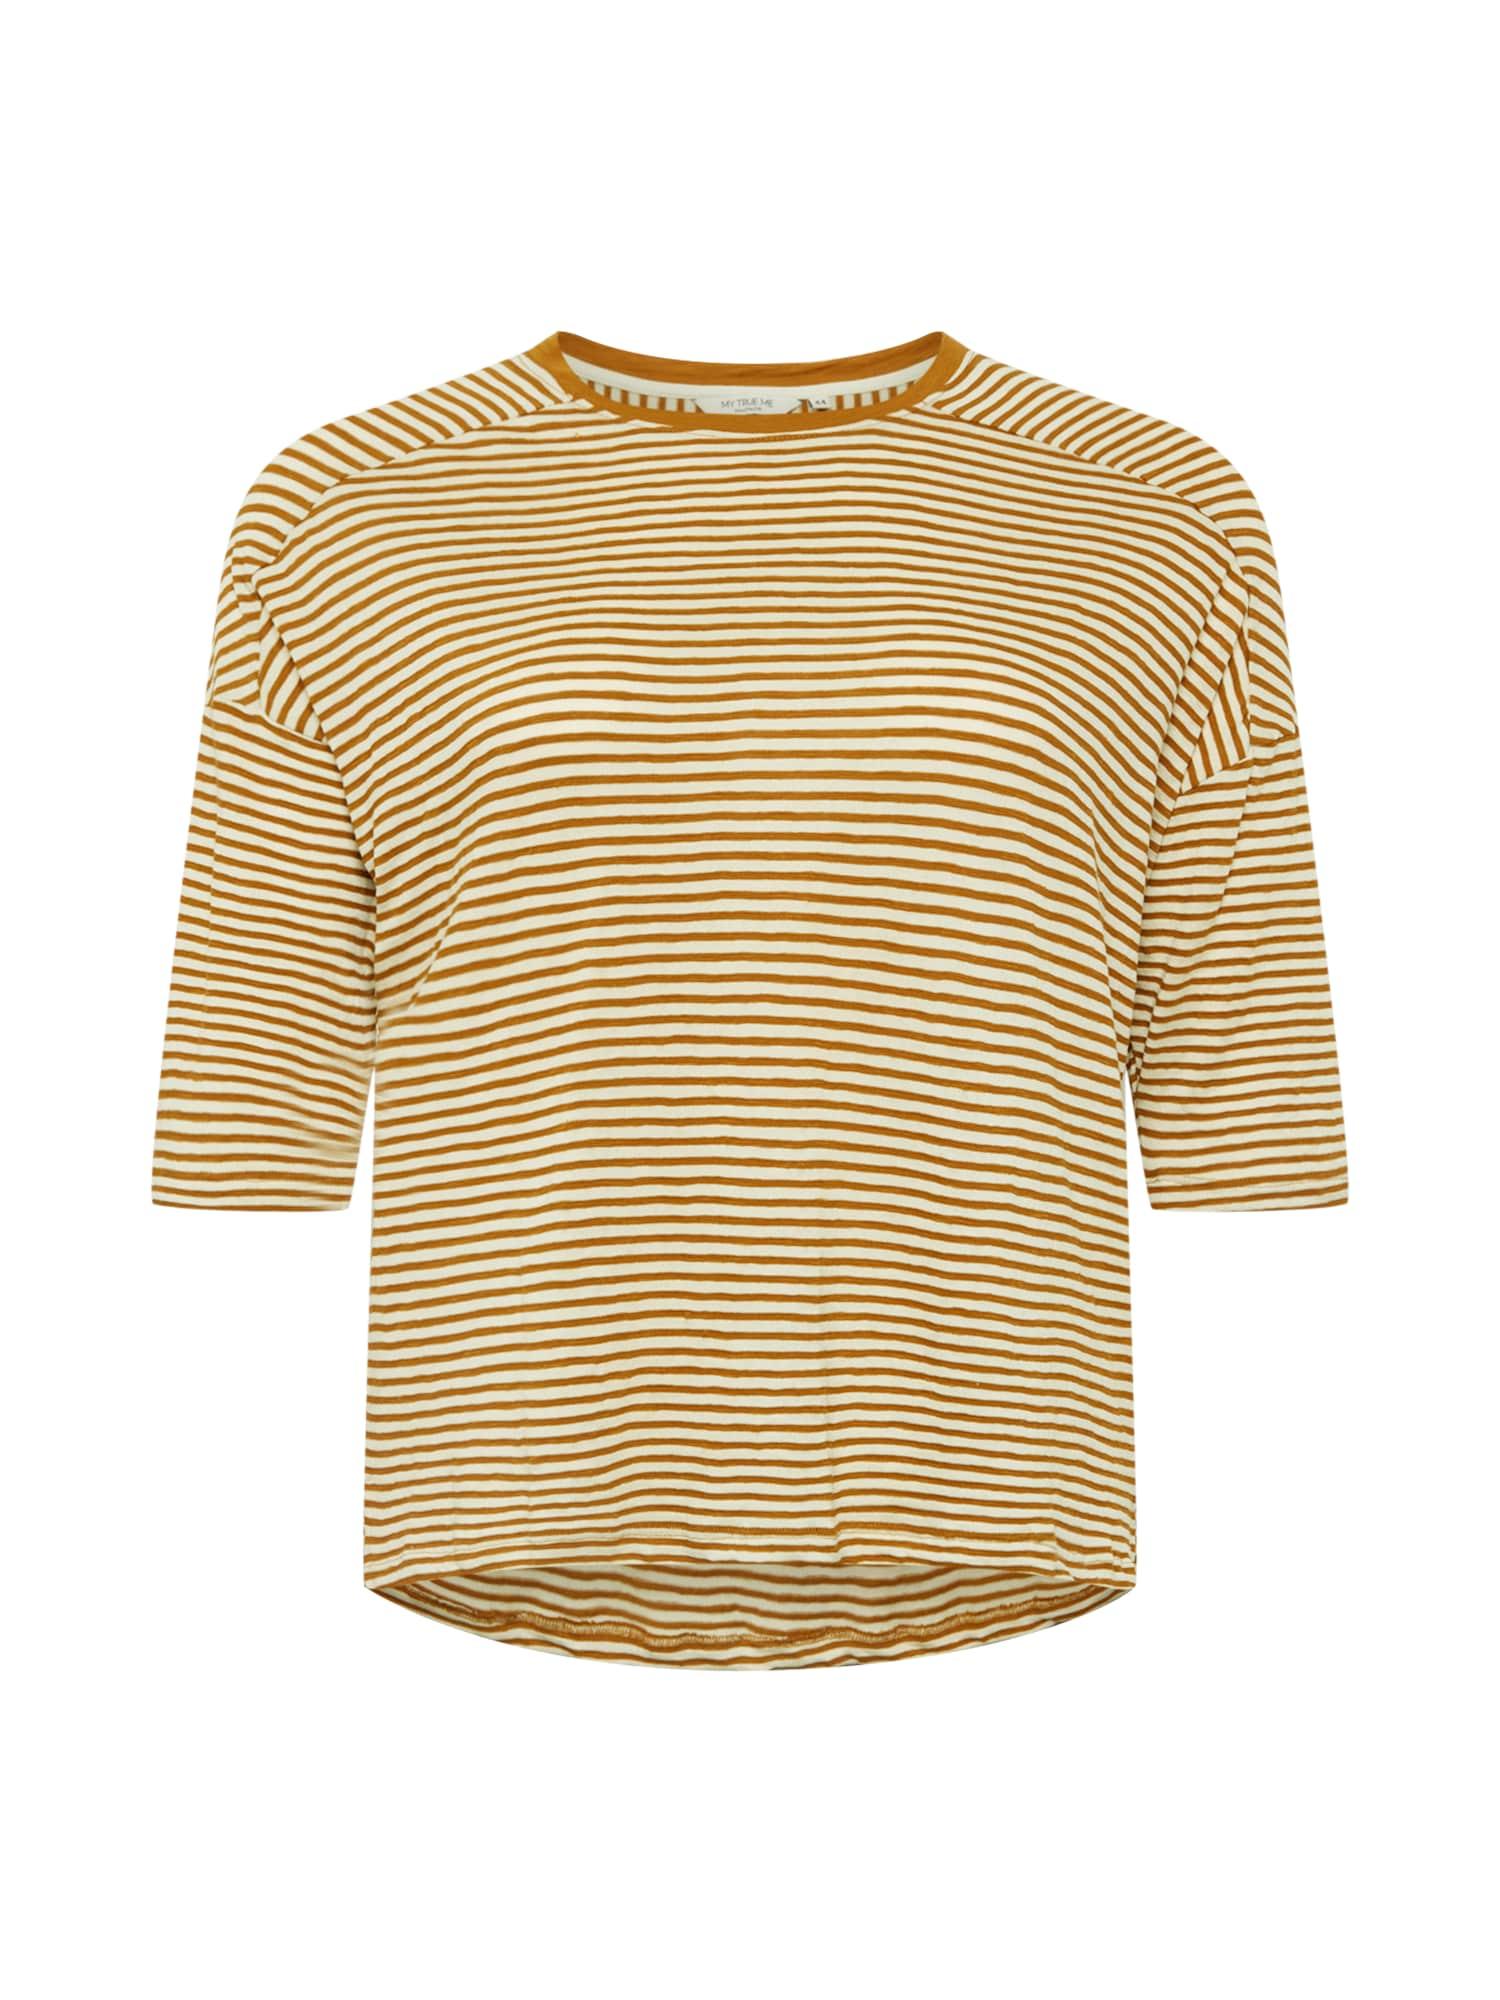 MY TRUE ME Marškinėliai ruda (konjako) / kremo